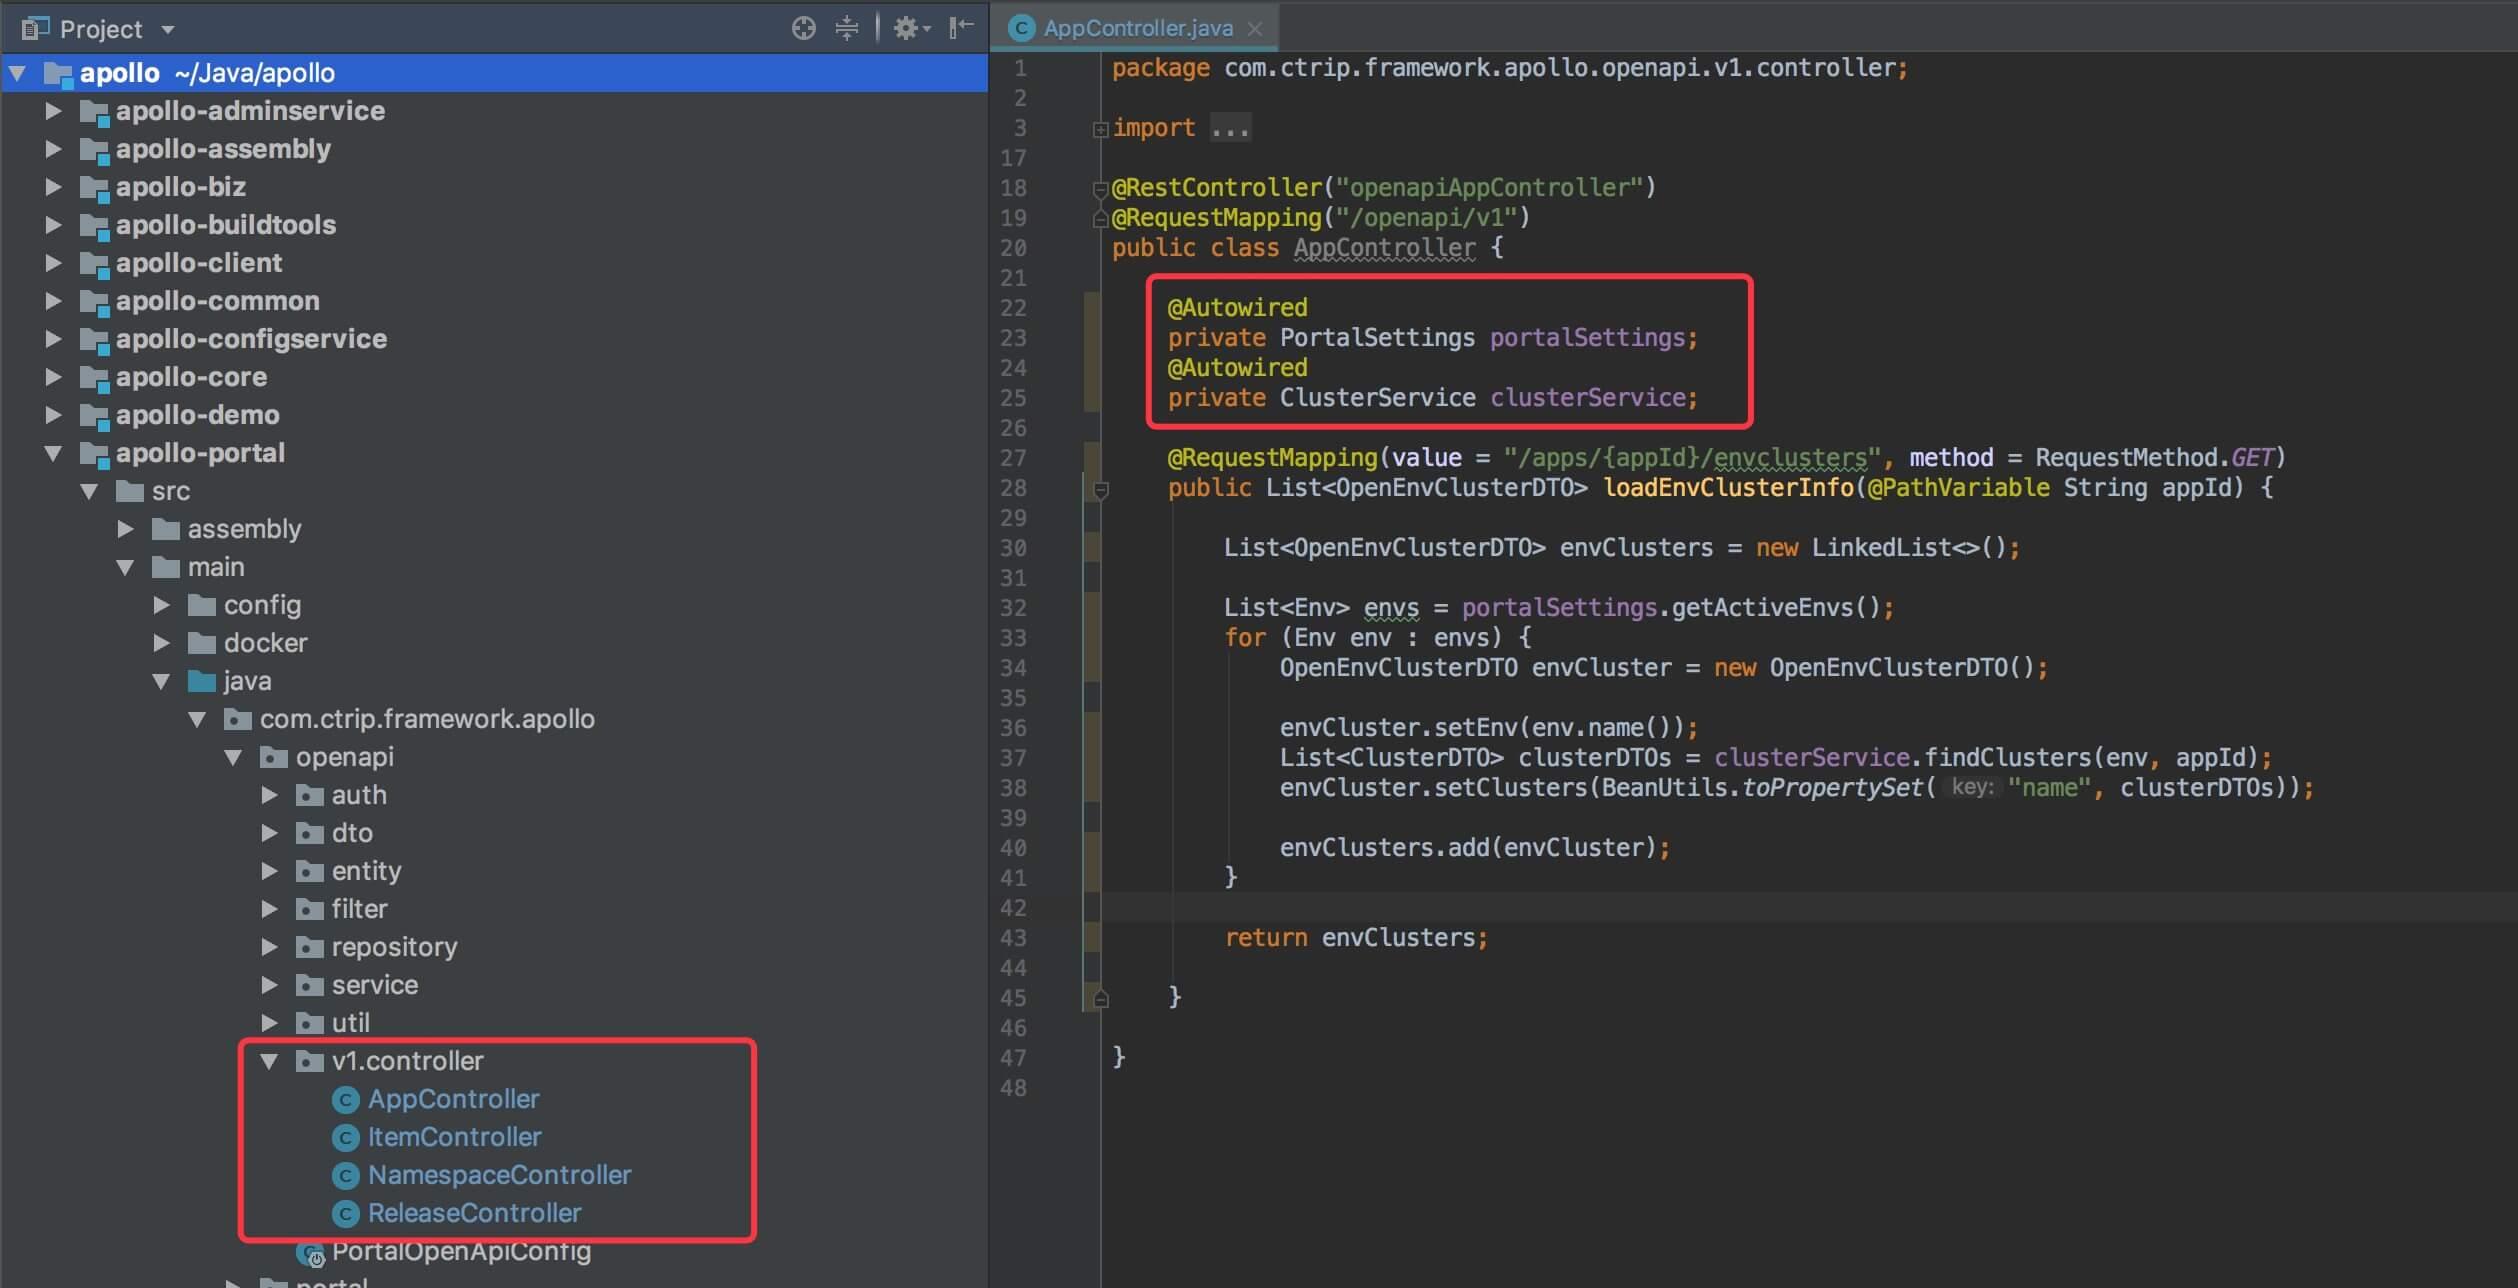 OpenAPI Controller